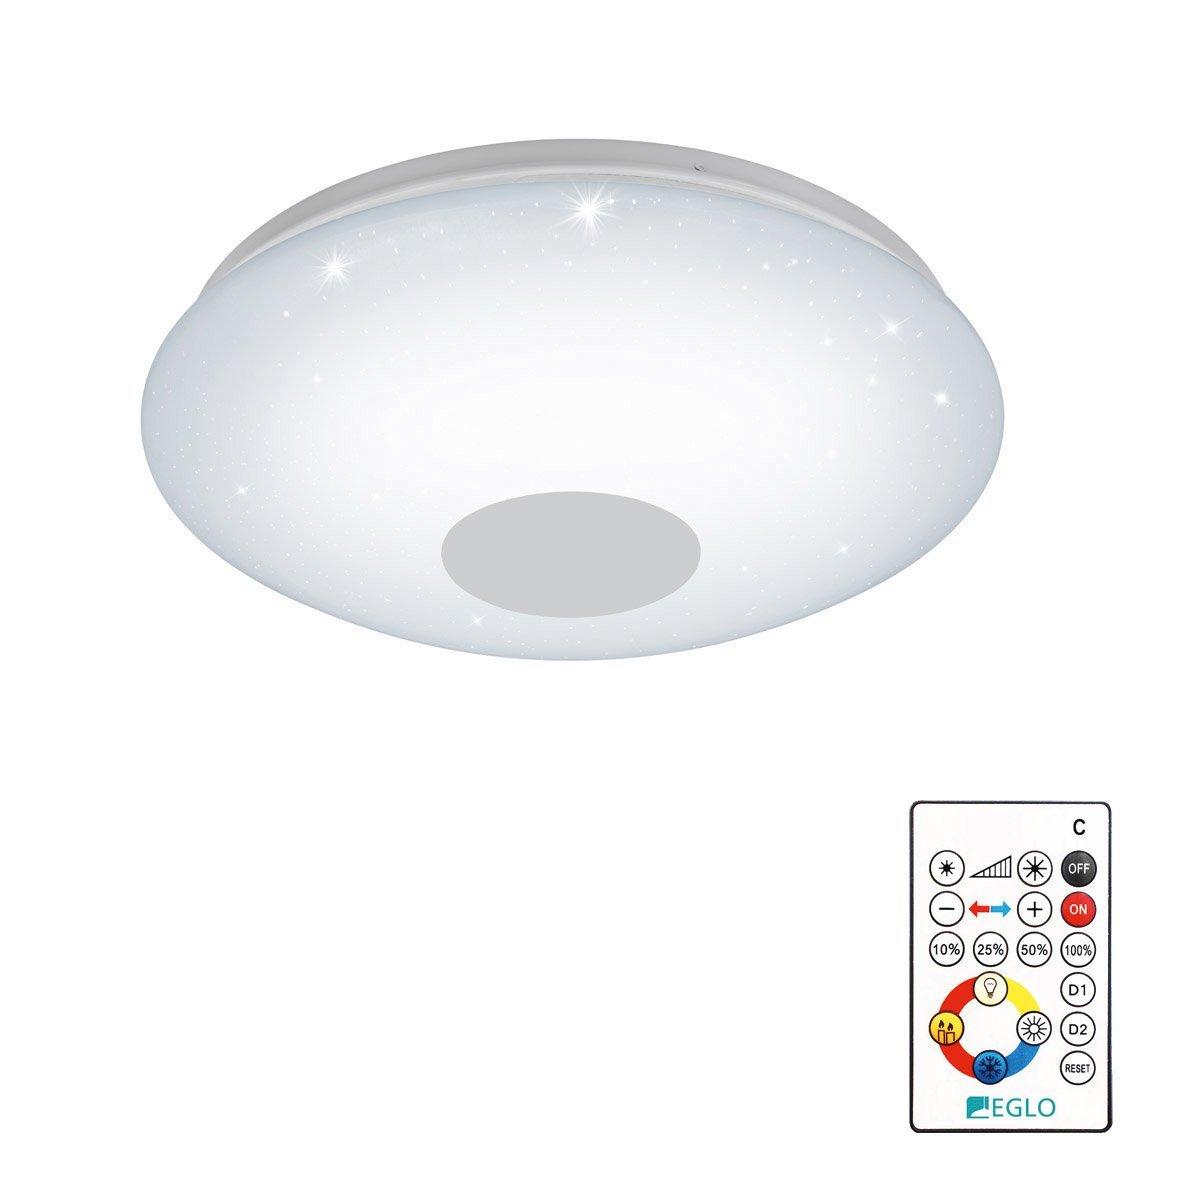 Eglo Plafonniere Voltago 2 RGB Crystal Eglo 95972